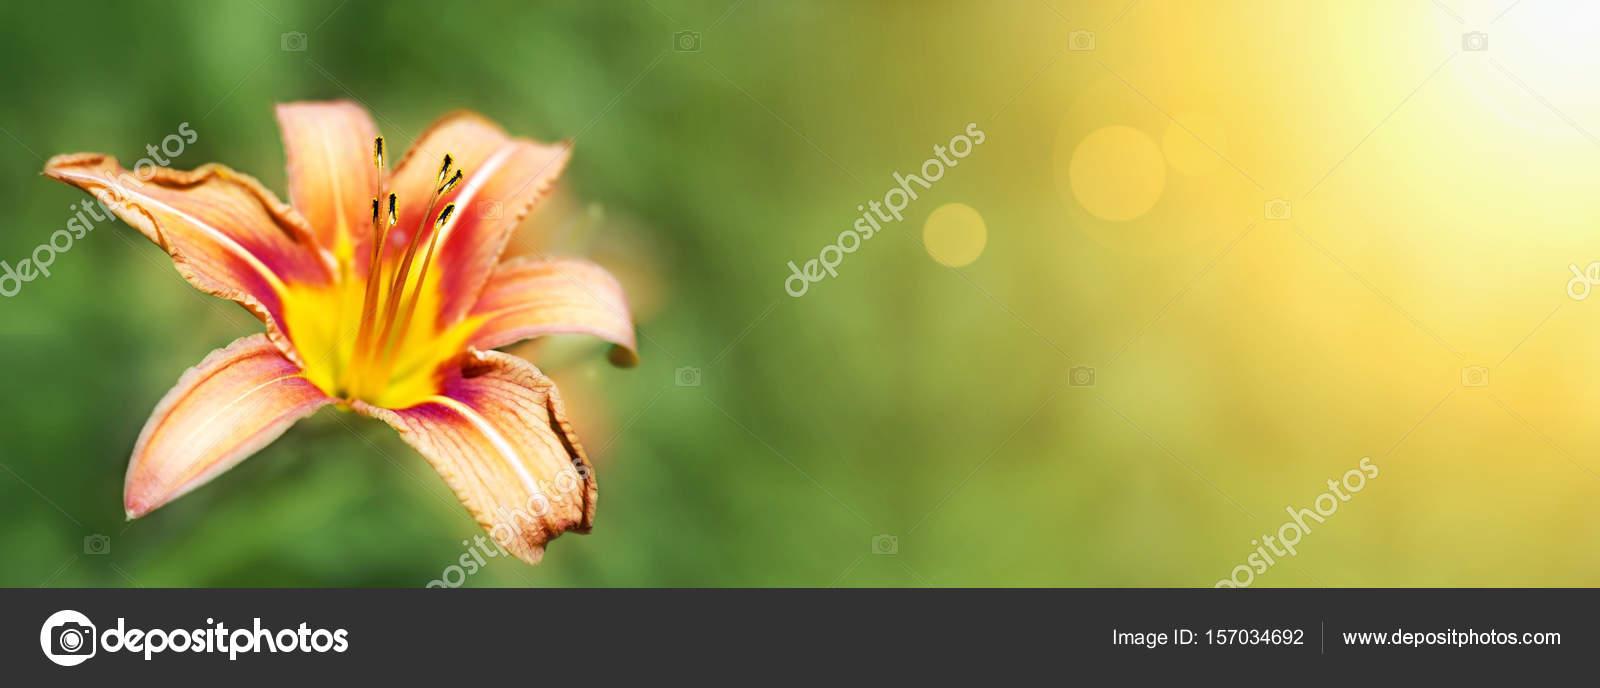 Lily Flower Banner Stock Photo Marenka1 157034692